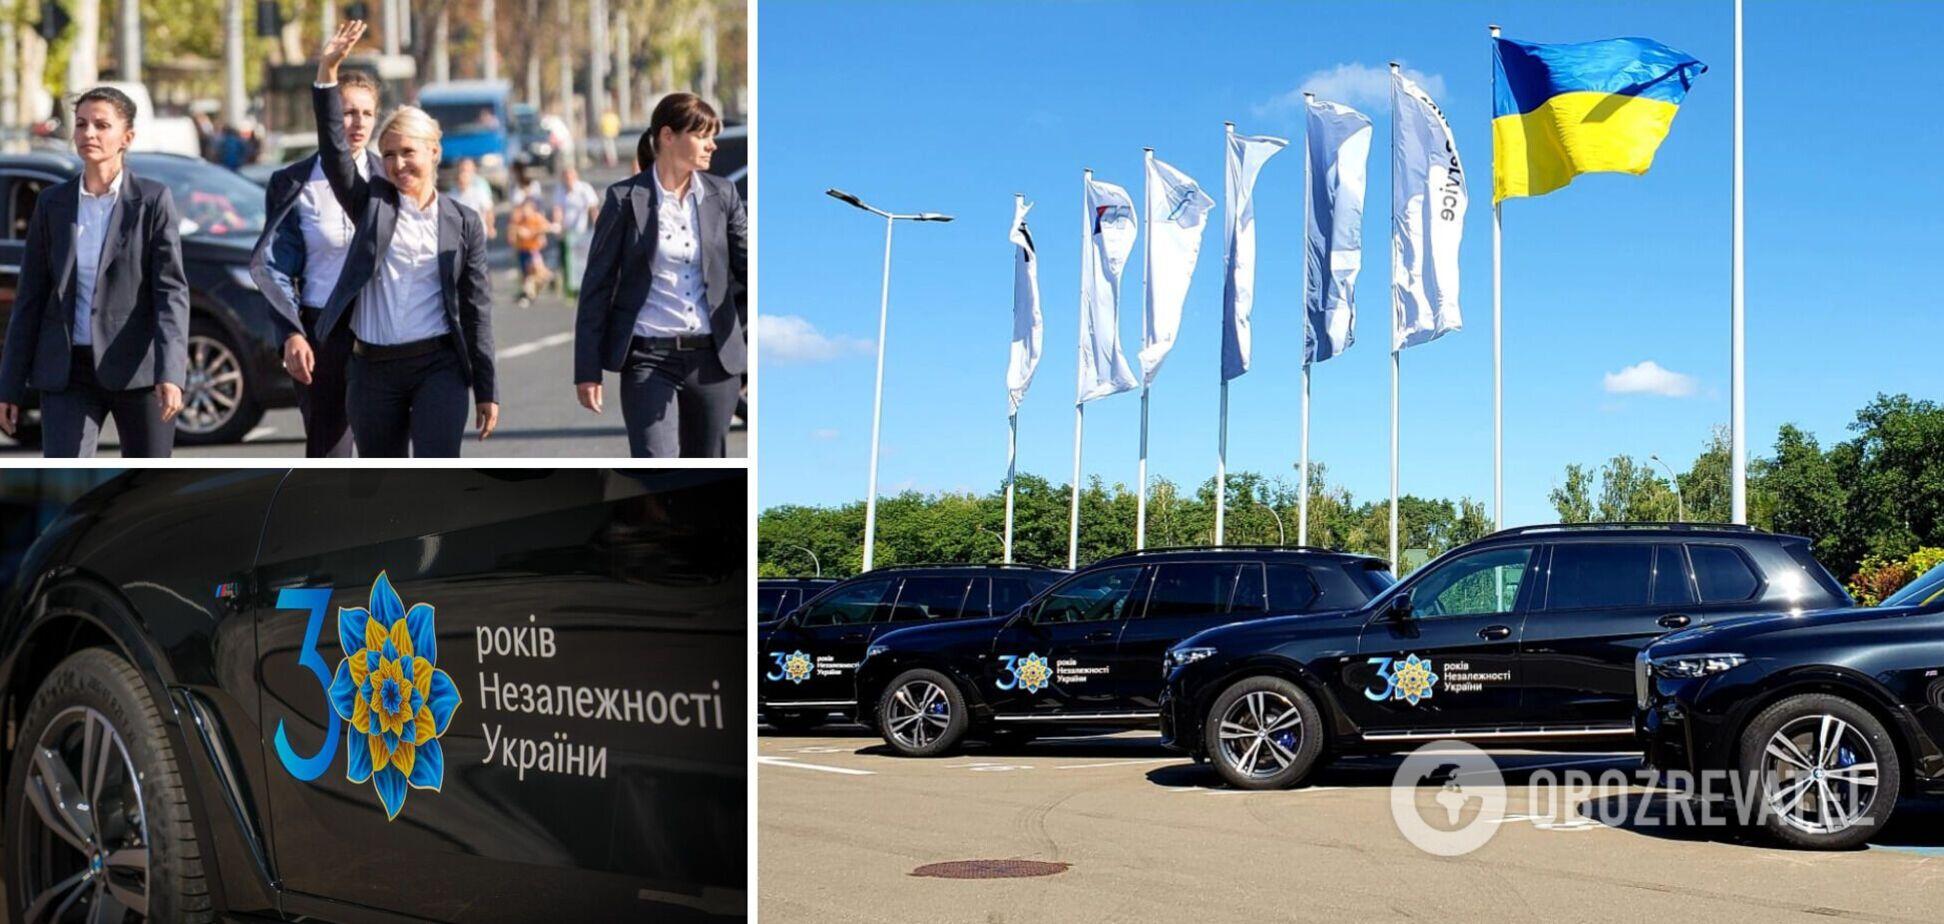 В Украине для охраны иностранных делегаций на День Независимости арендовали десятки авто. Фото и подробности